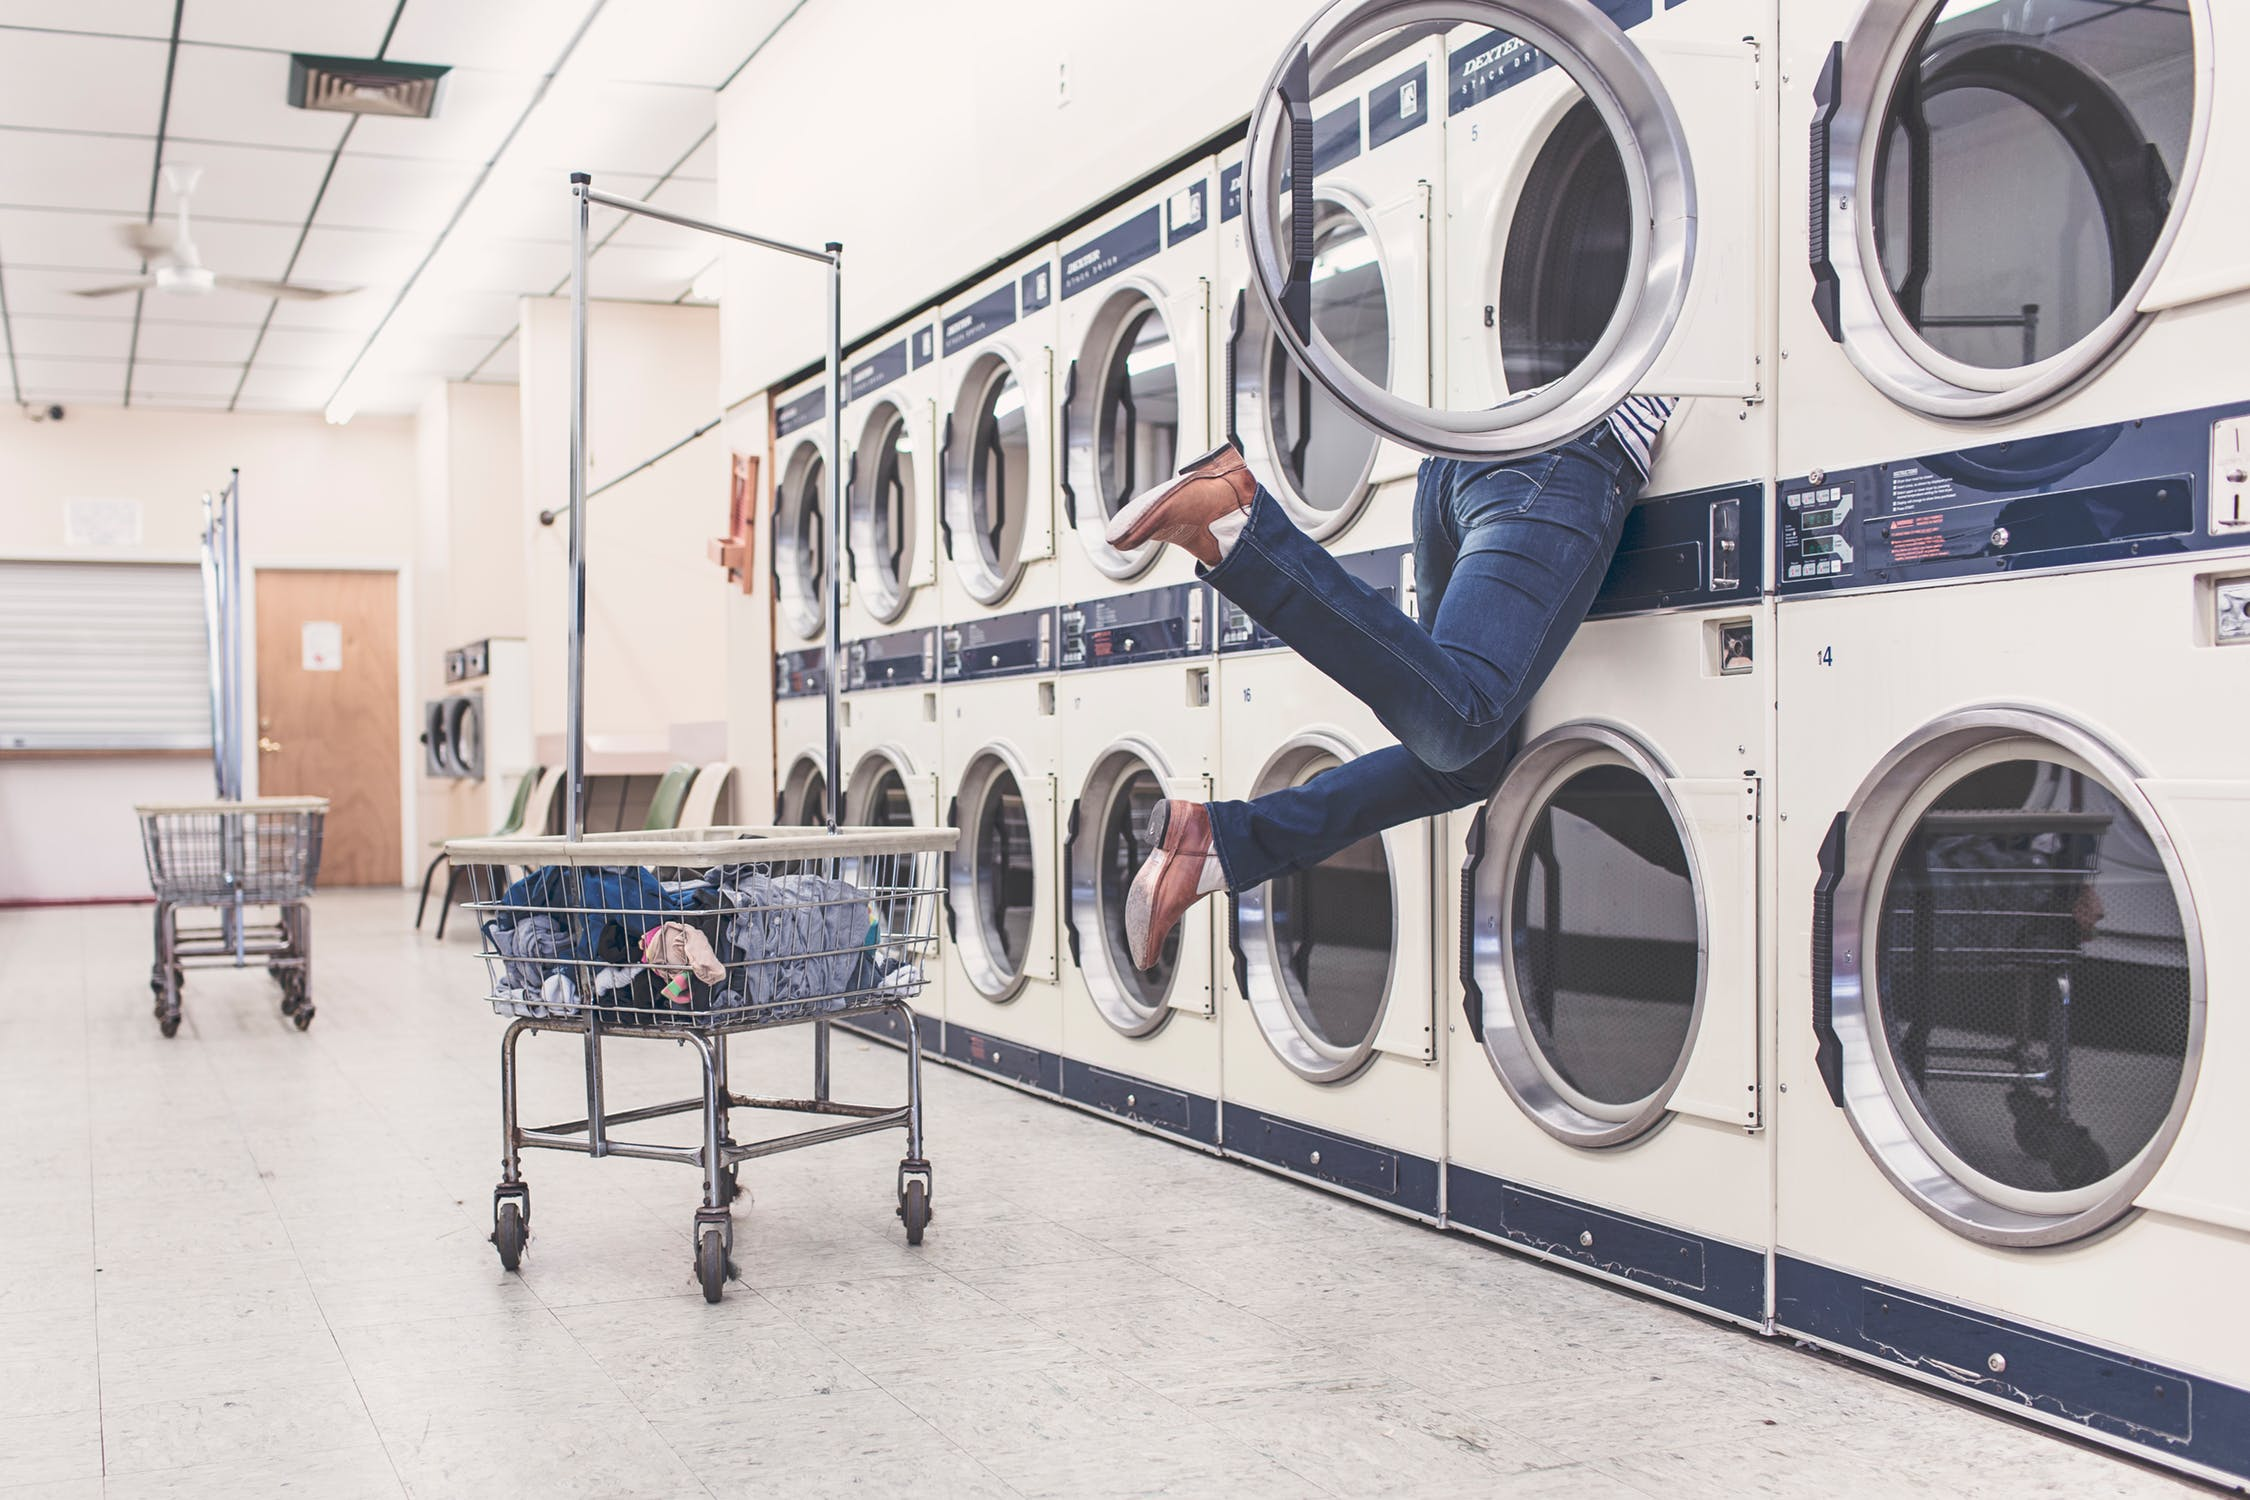 Kleding wassen tips